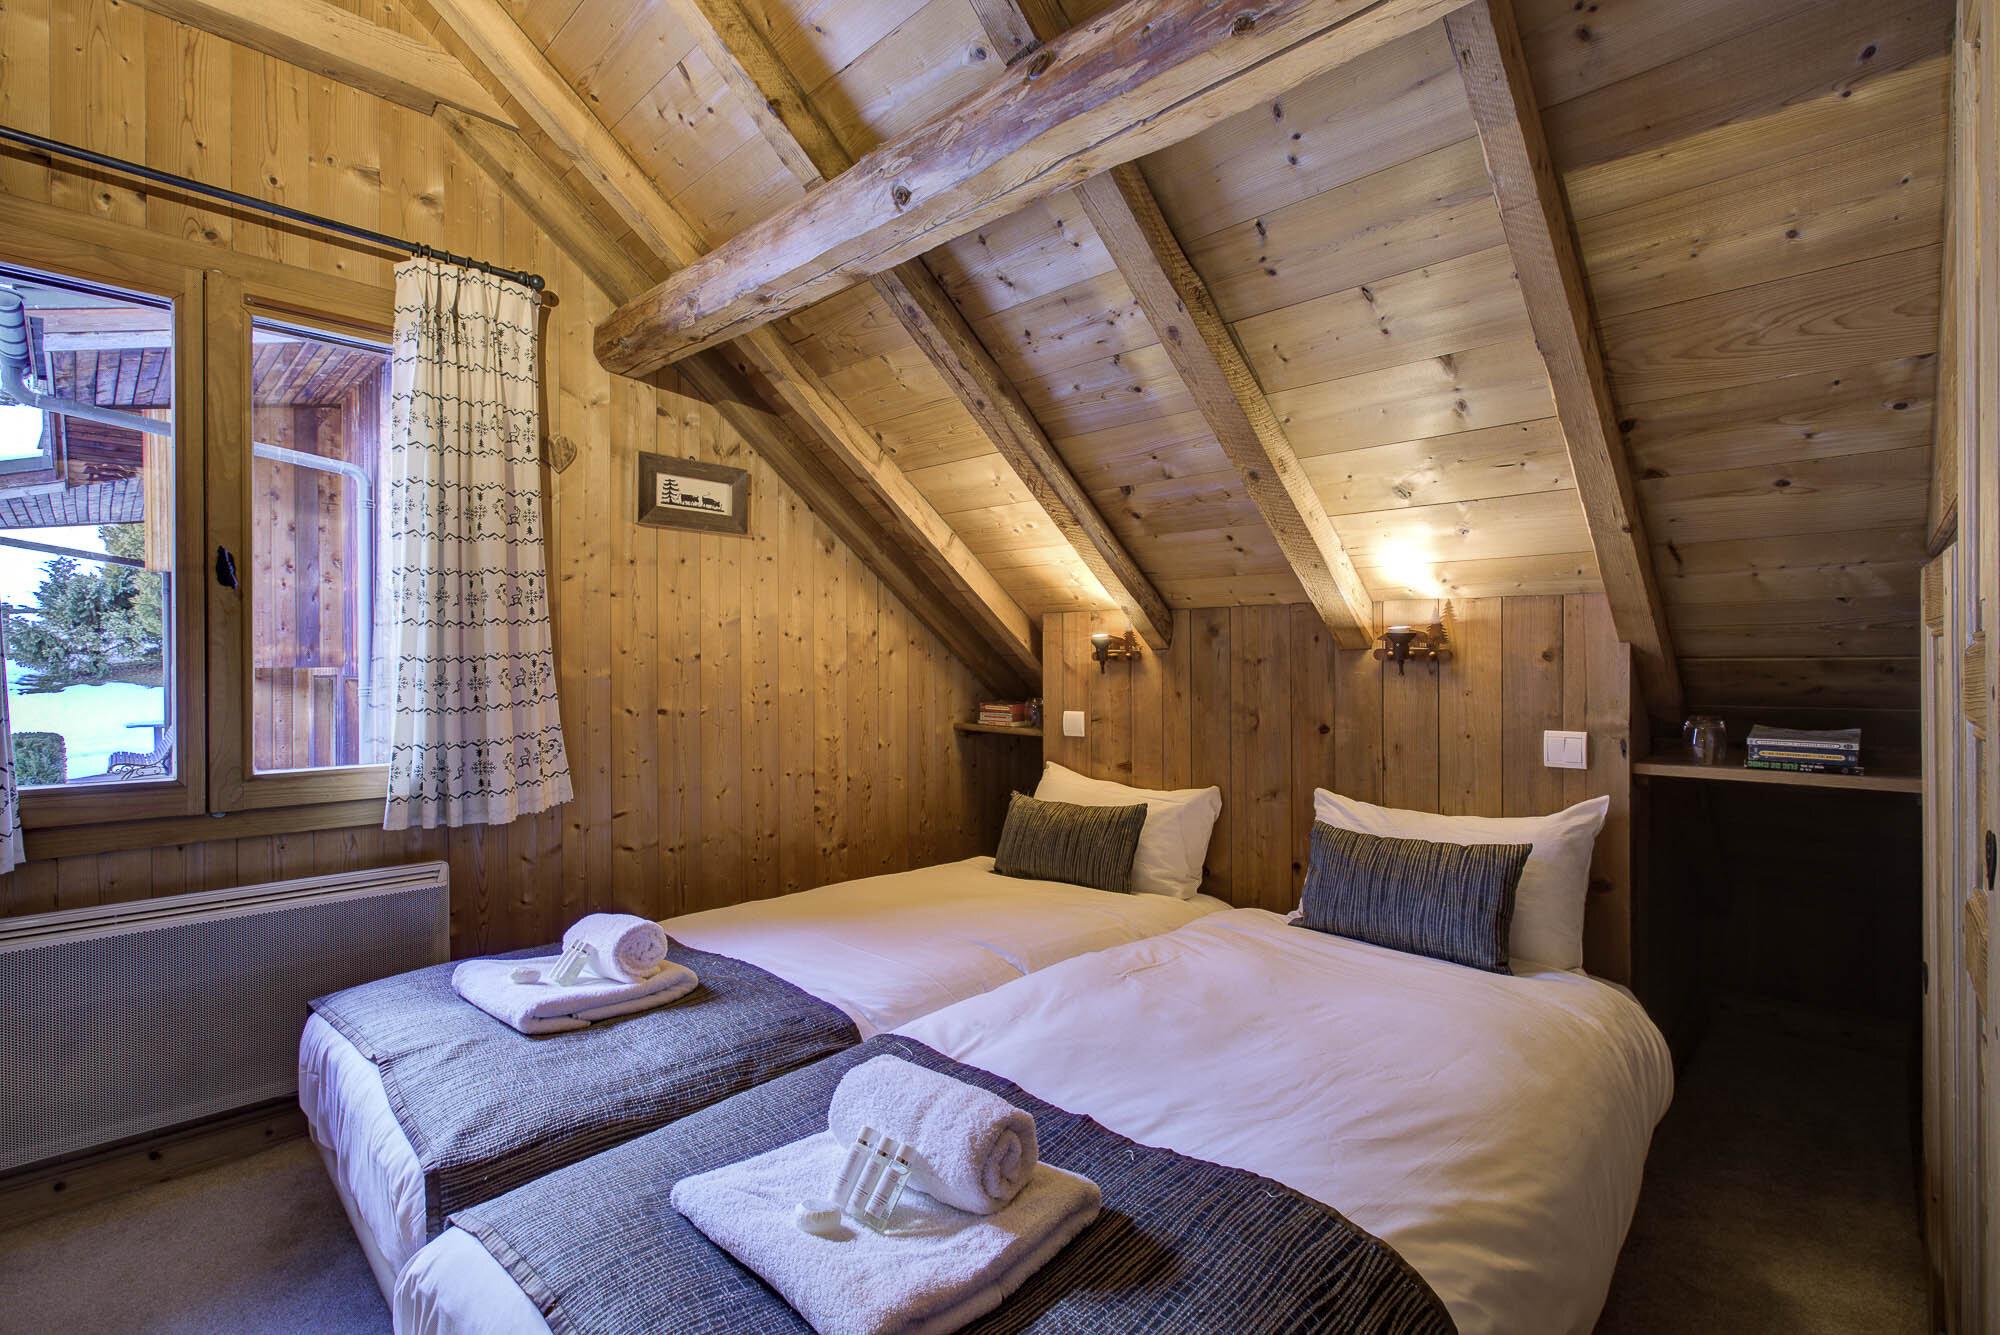 tg-ski-chalet-du-bois-morzine-009.jpg